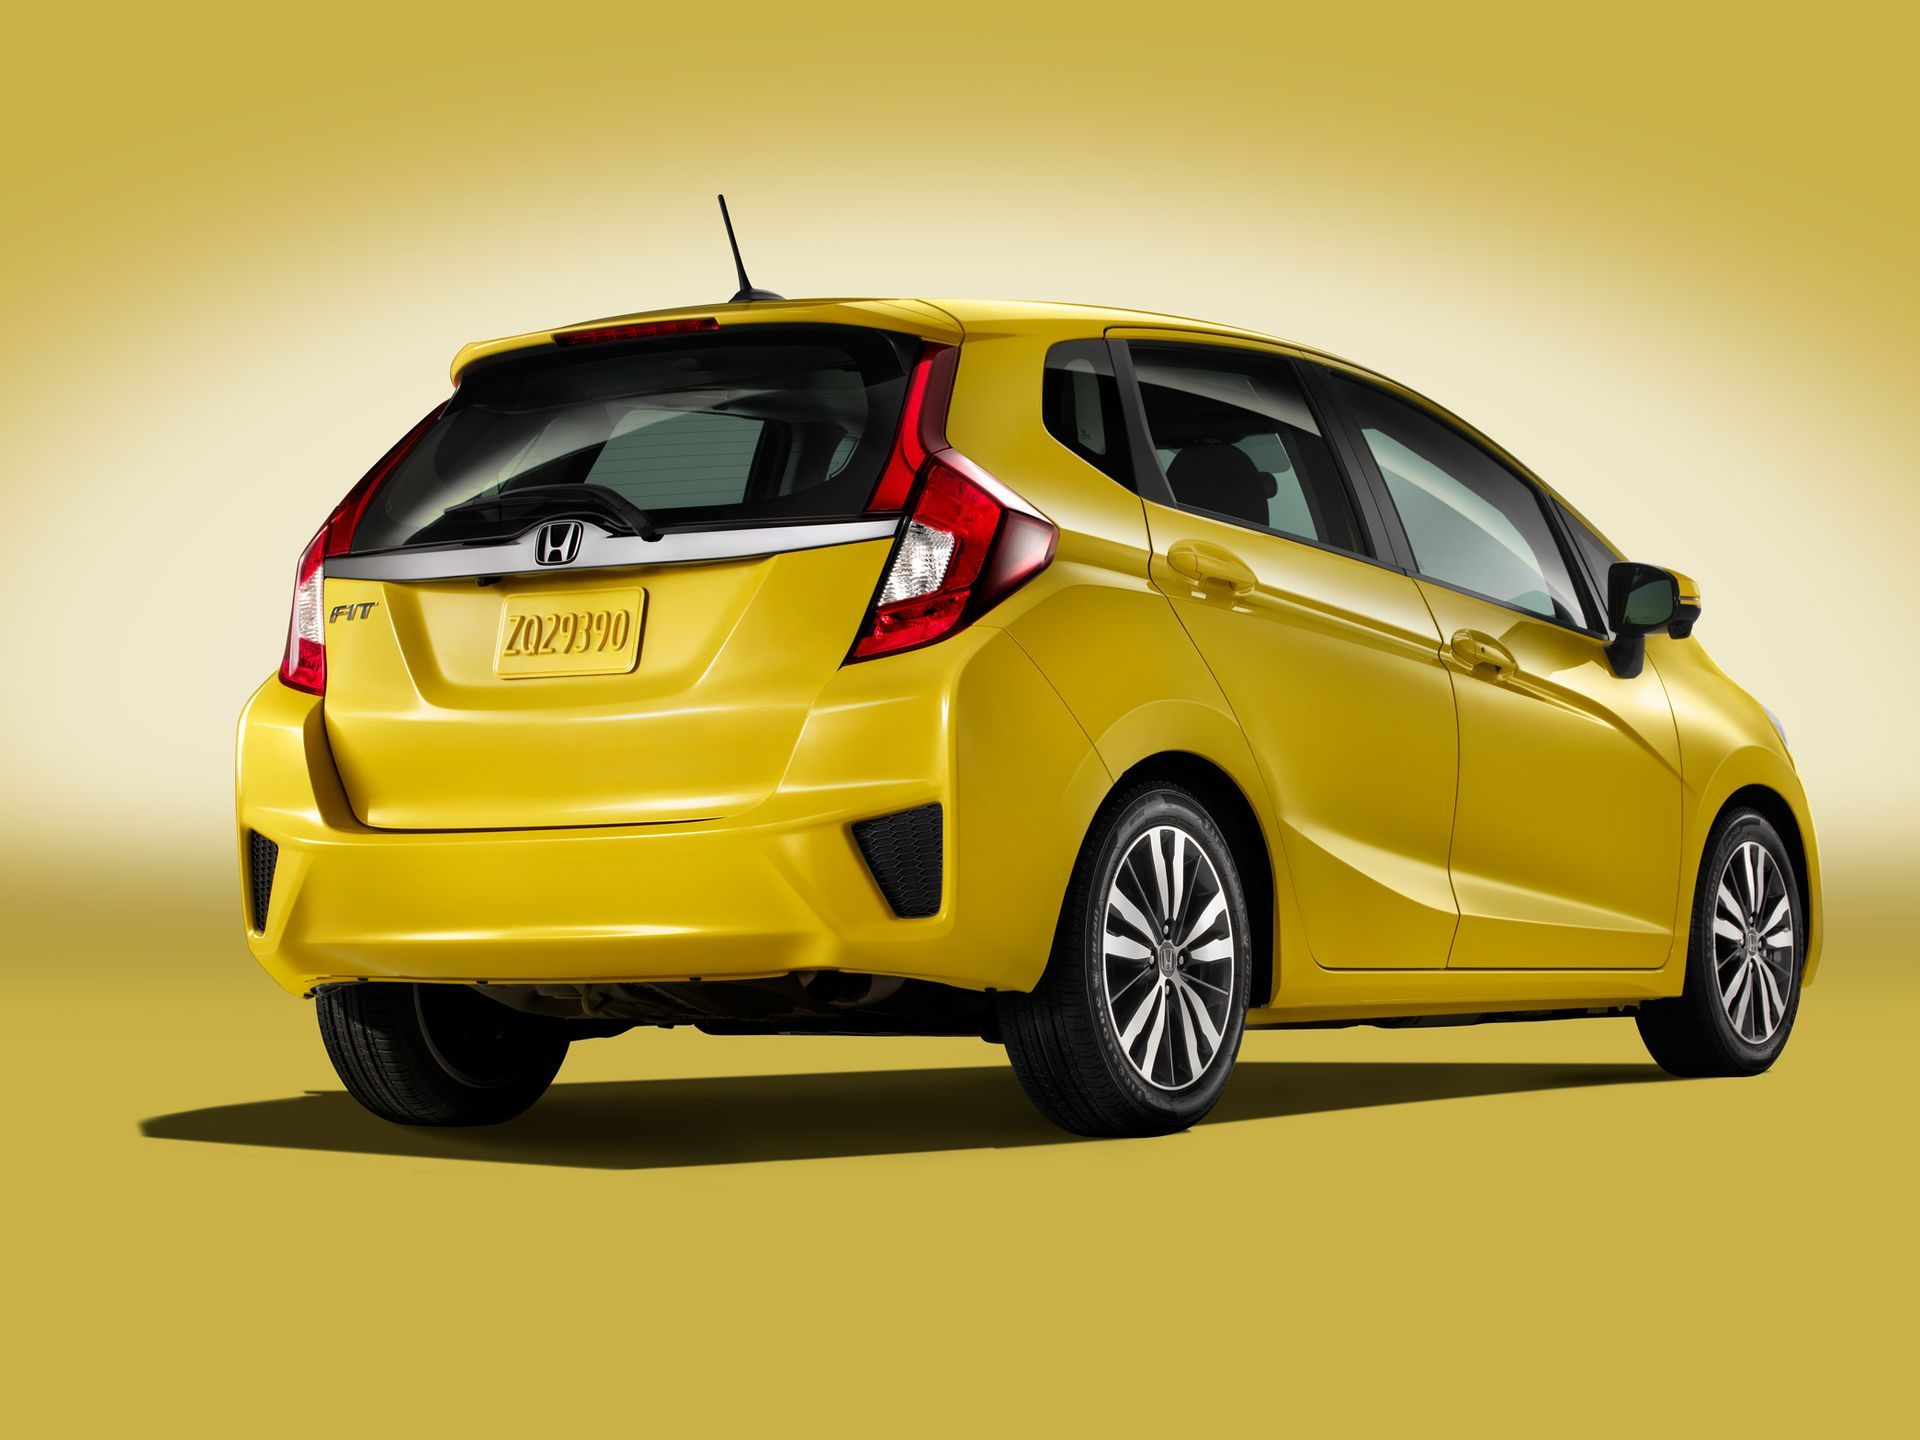 Kekurangan Honda Fit 2016 Perbandingan Harga